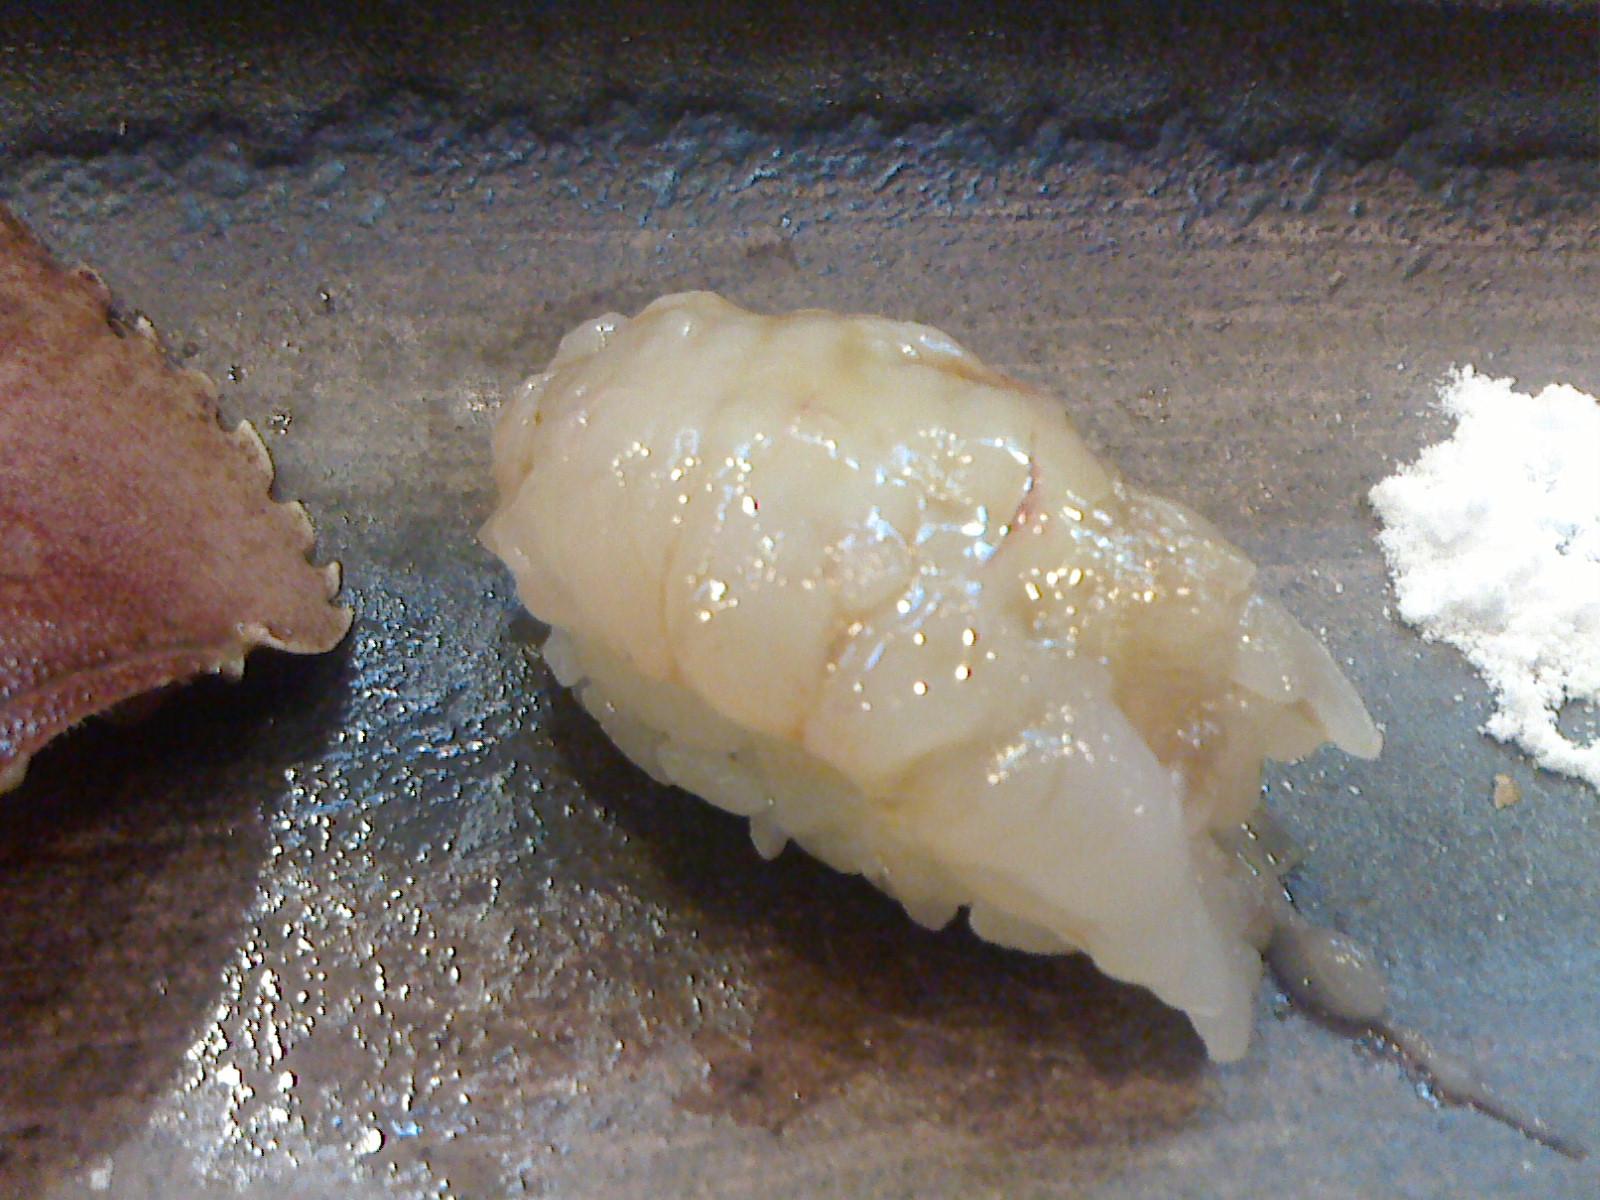 千葉でとても美味しいお寿司をお腹いっぱいいただきました。_c0225997_11411355.jpg